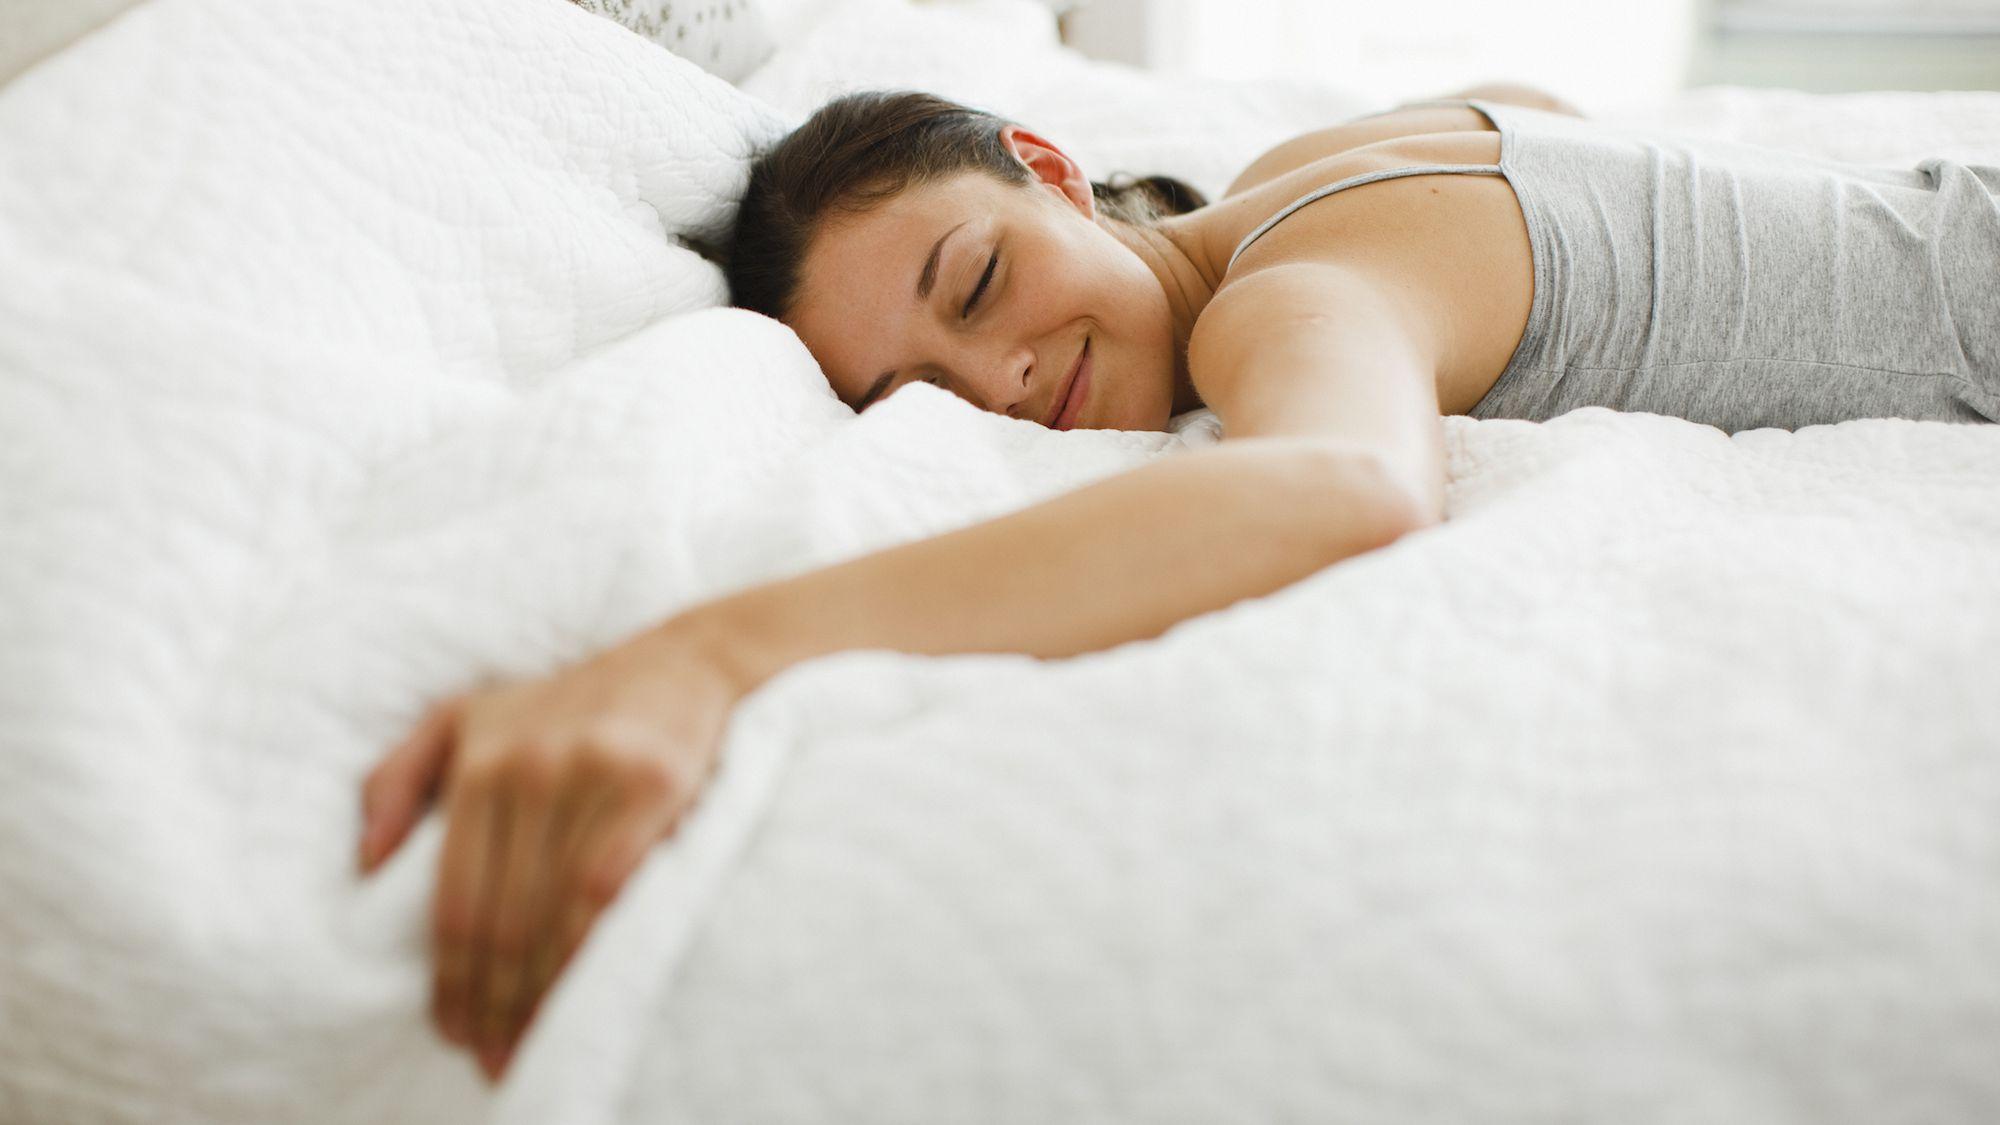 Inspire Surgical Treatment for Sleep Apnea